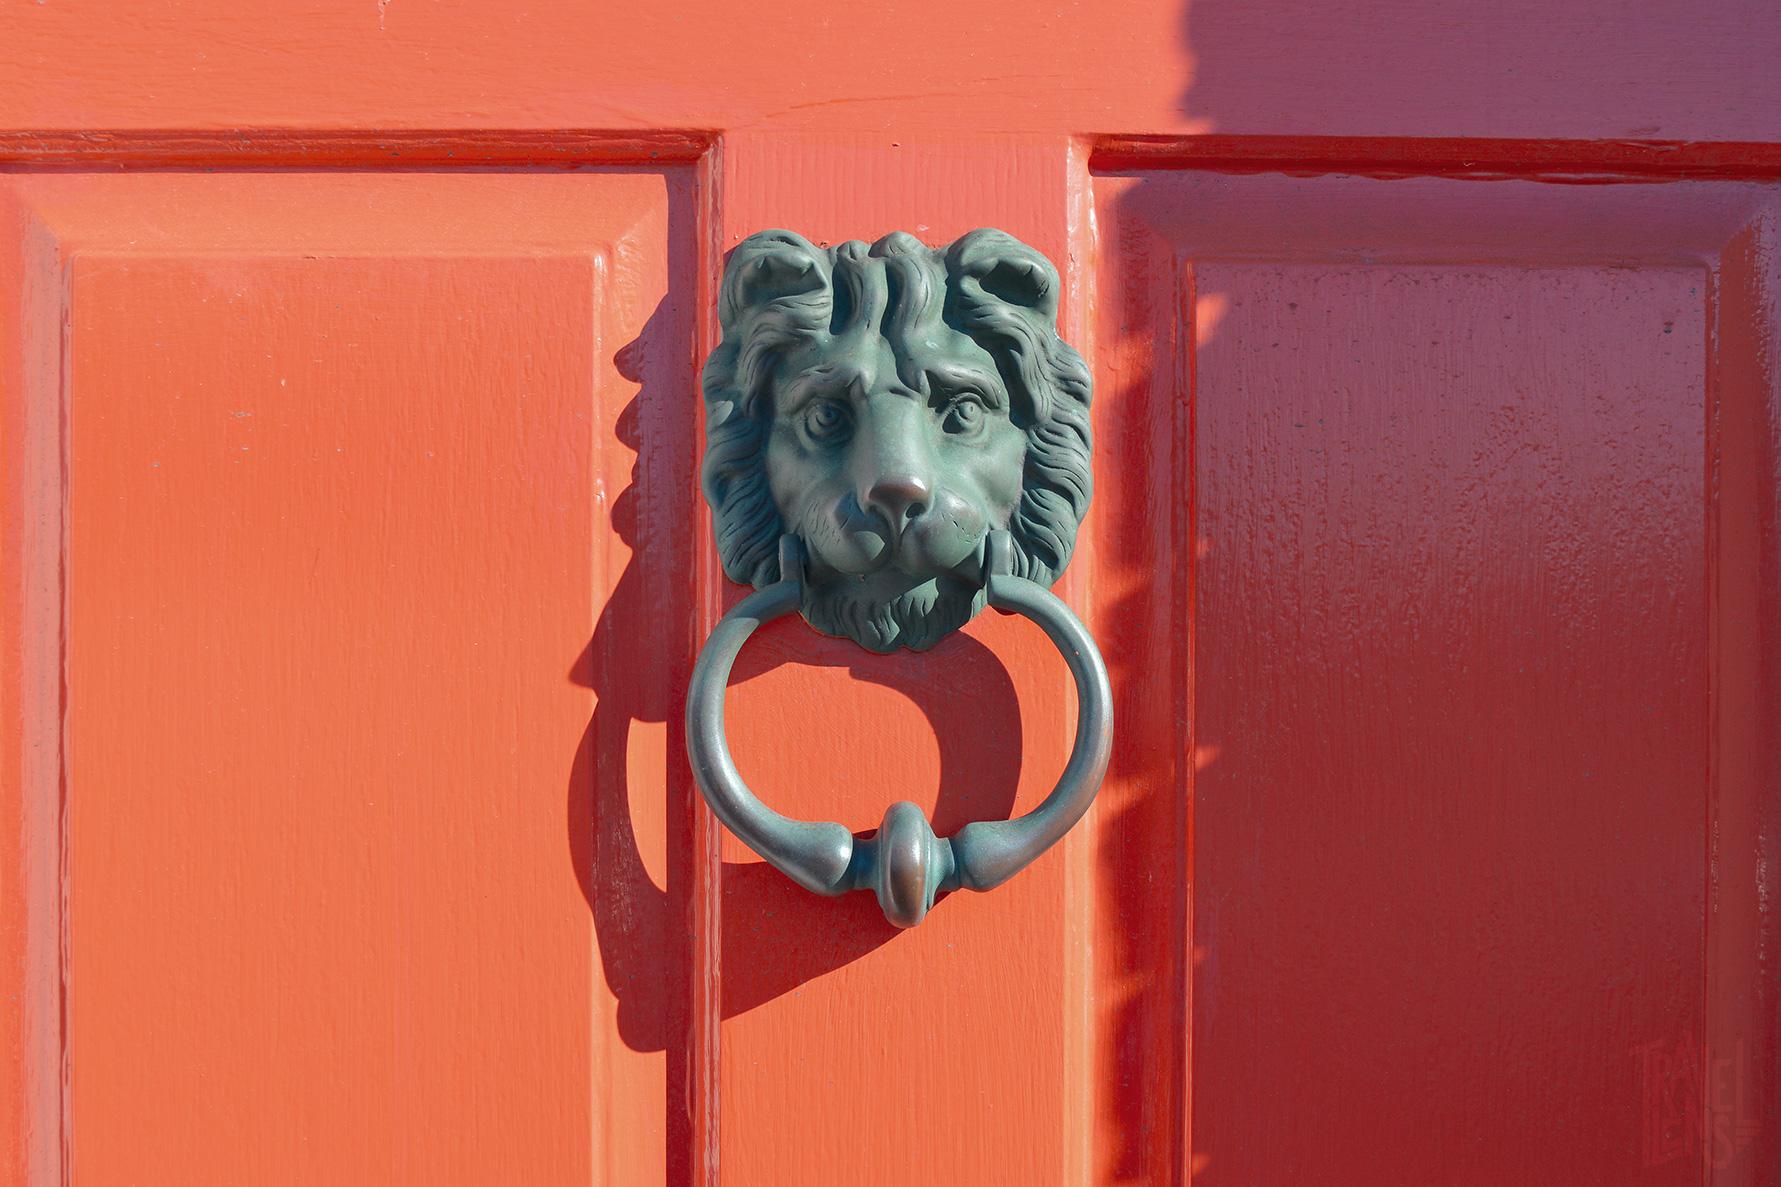 A bronze door knocker on a bright red-orange door